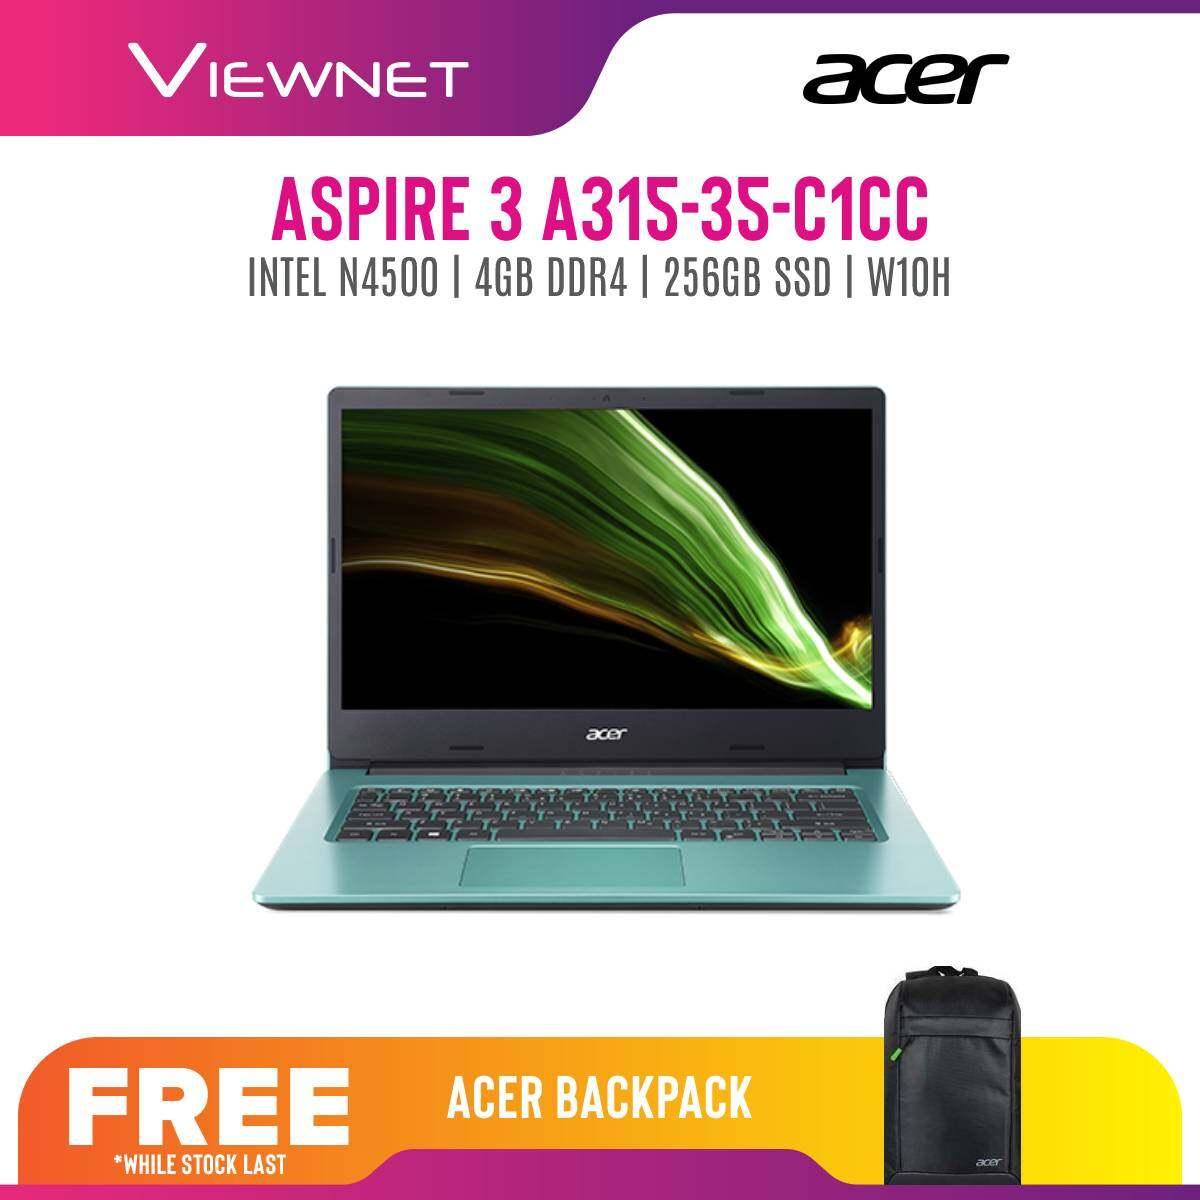 Acer Aspire 3 A315-35-C1CC / A315-35-C4BK 15.6'' laptop (Celeron N4500, 4GB, 256GB, Intel, W10)